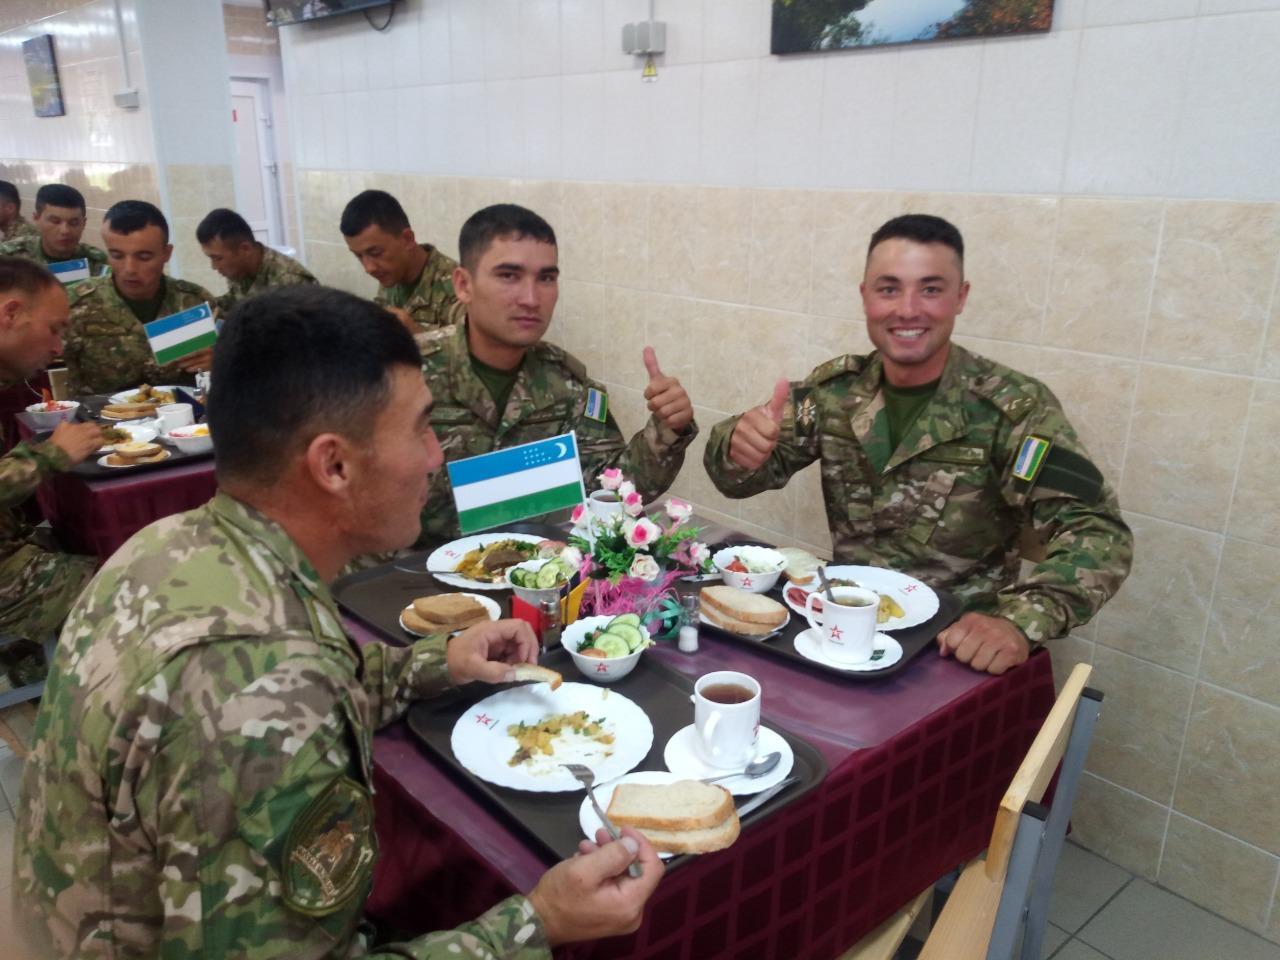 фото Военнослужащие из Узбекистана накормили пловом своих соперников 2